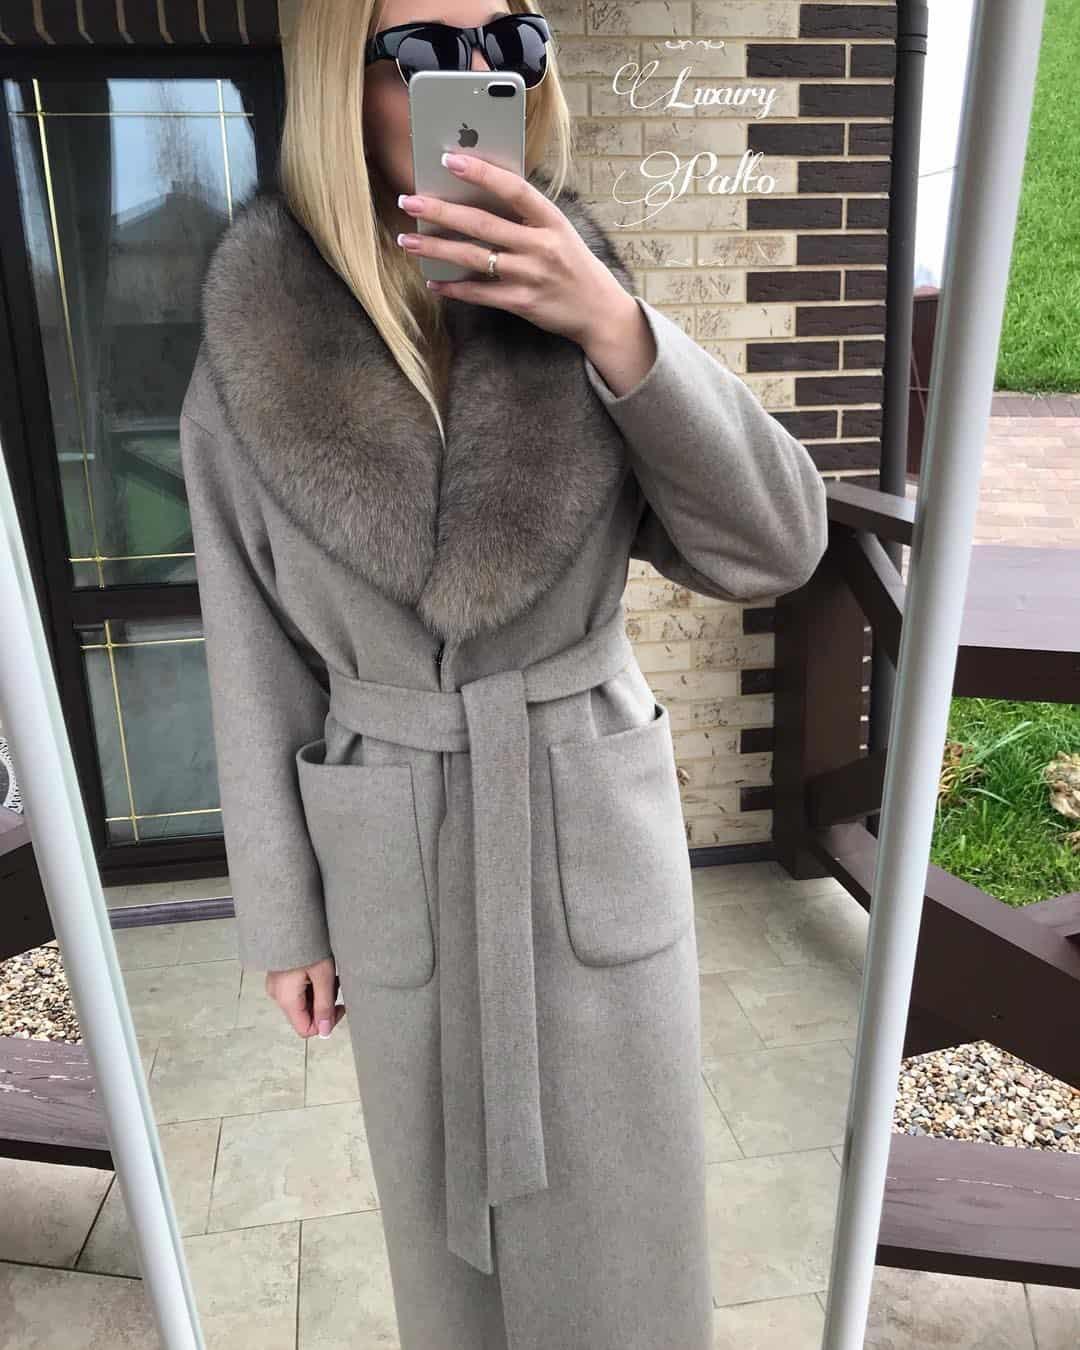 long-coats-for-women-2019 pregnant-women-coats-2019